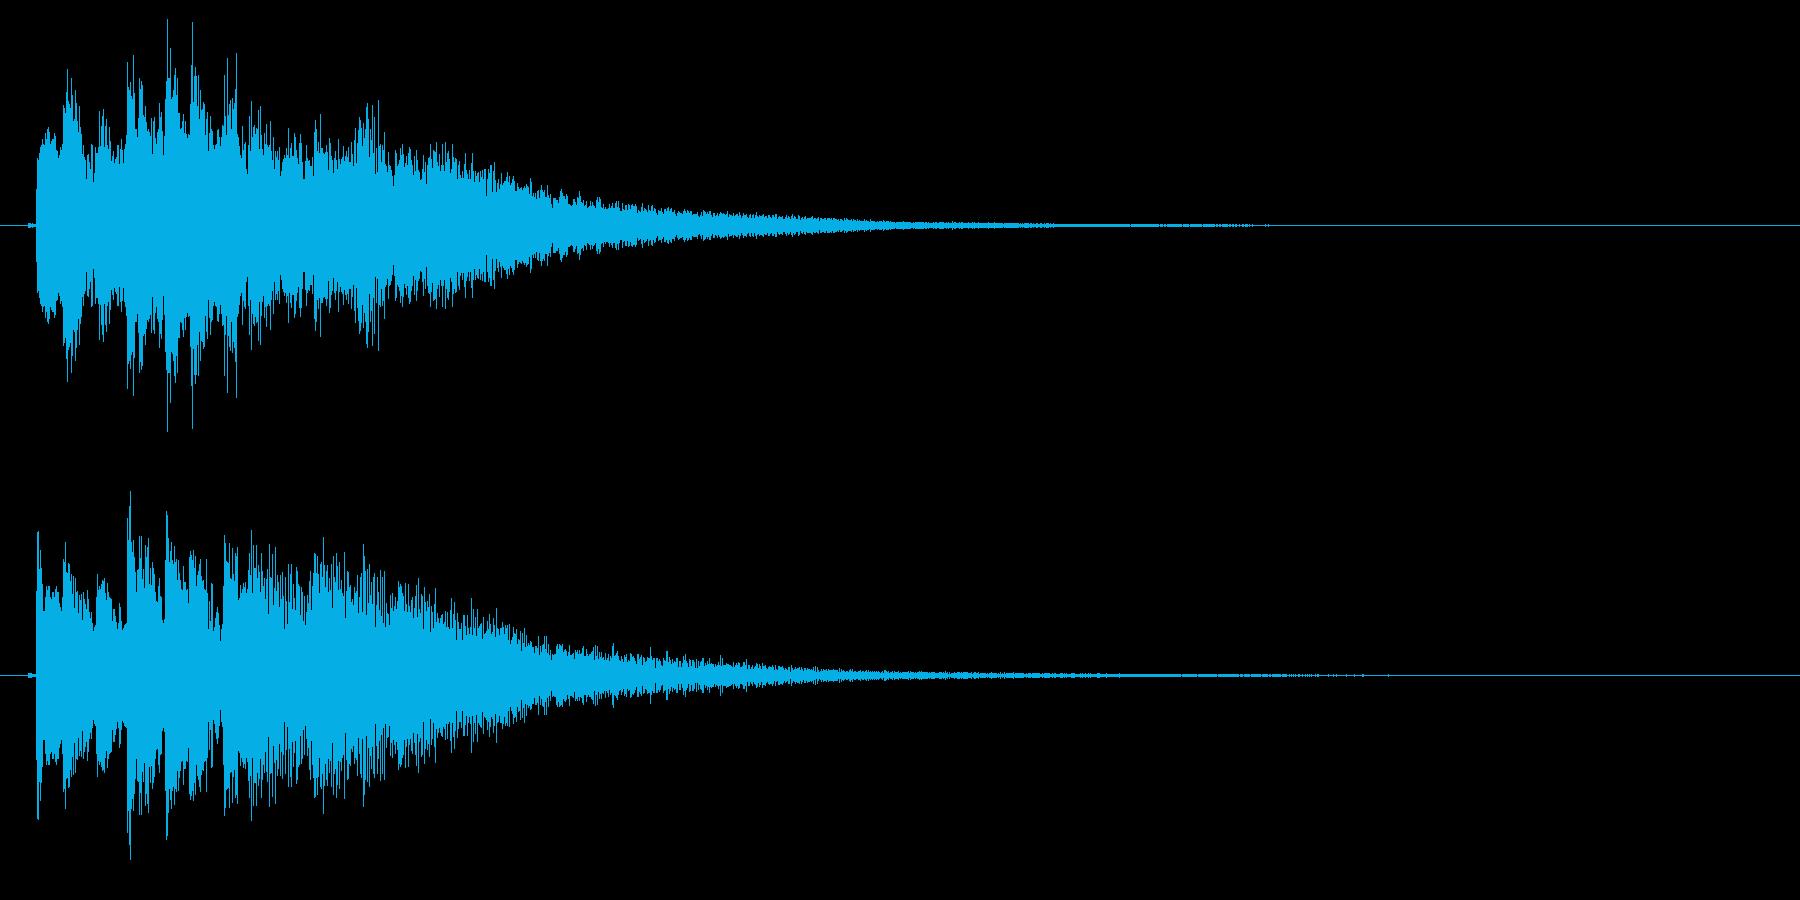 琴のフレーズ1☆調律1☆リバーブ有の再生済みの波形